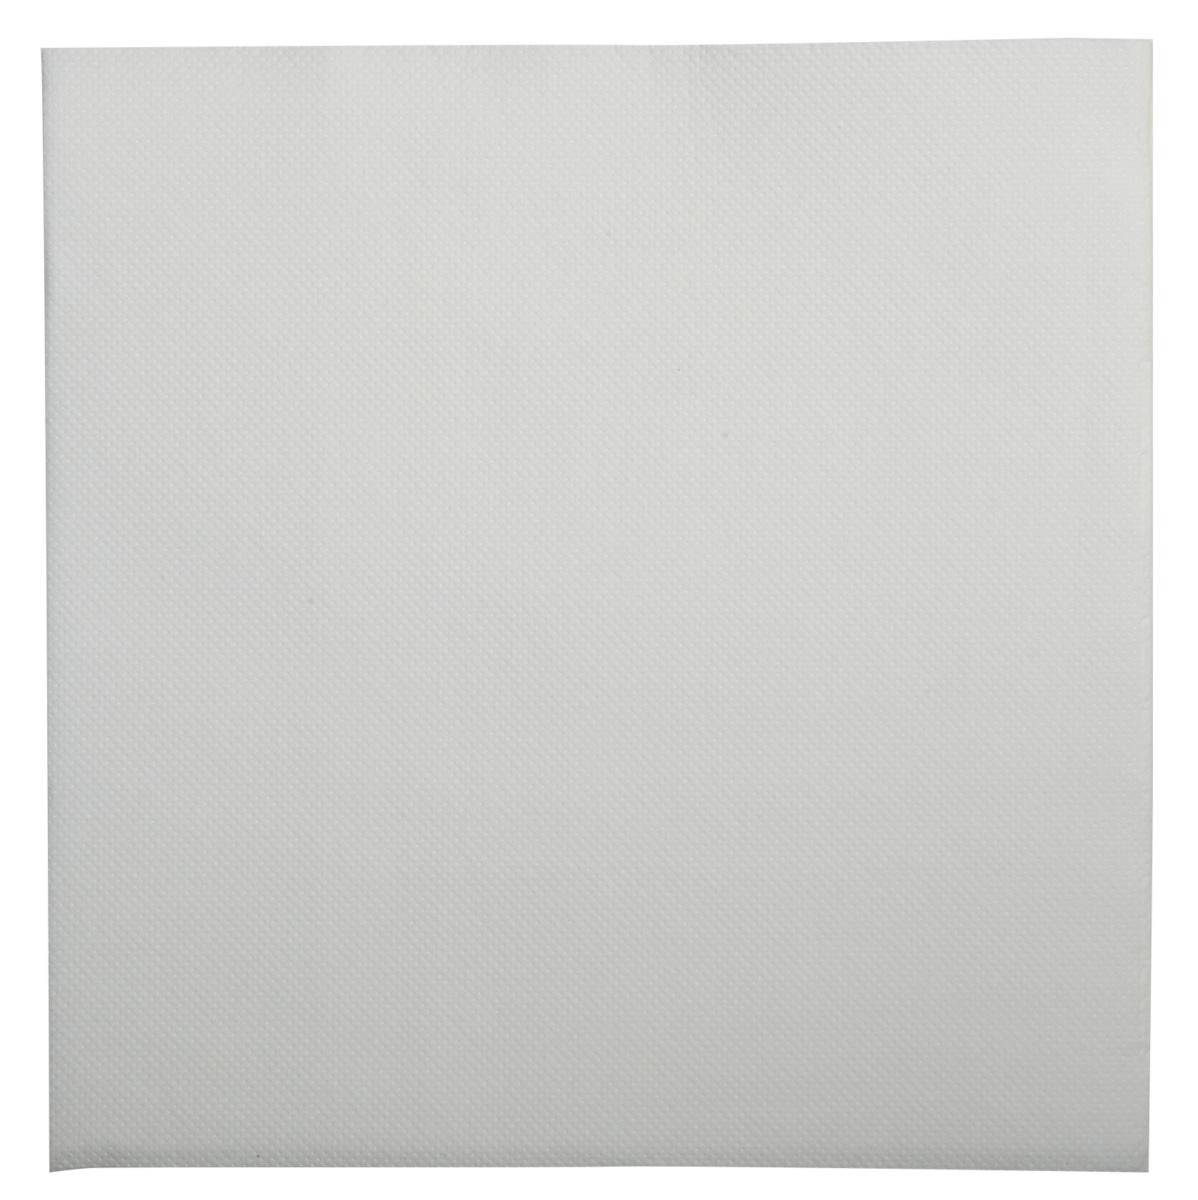 Serviette blanc ouate de cellulose 38x38 cm Lisah Pro.mundi (50 pièces)